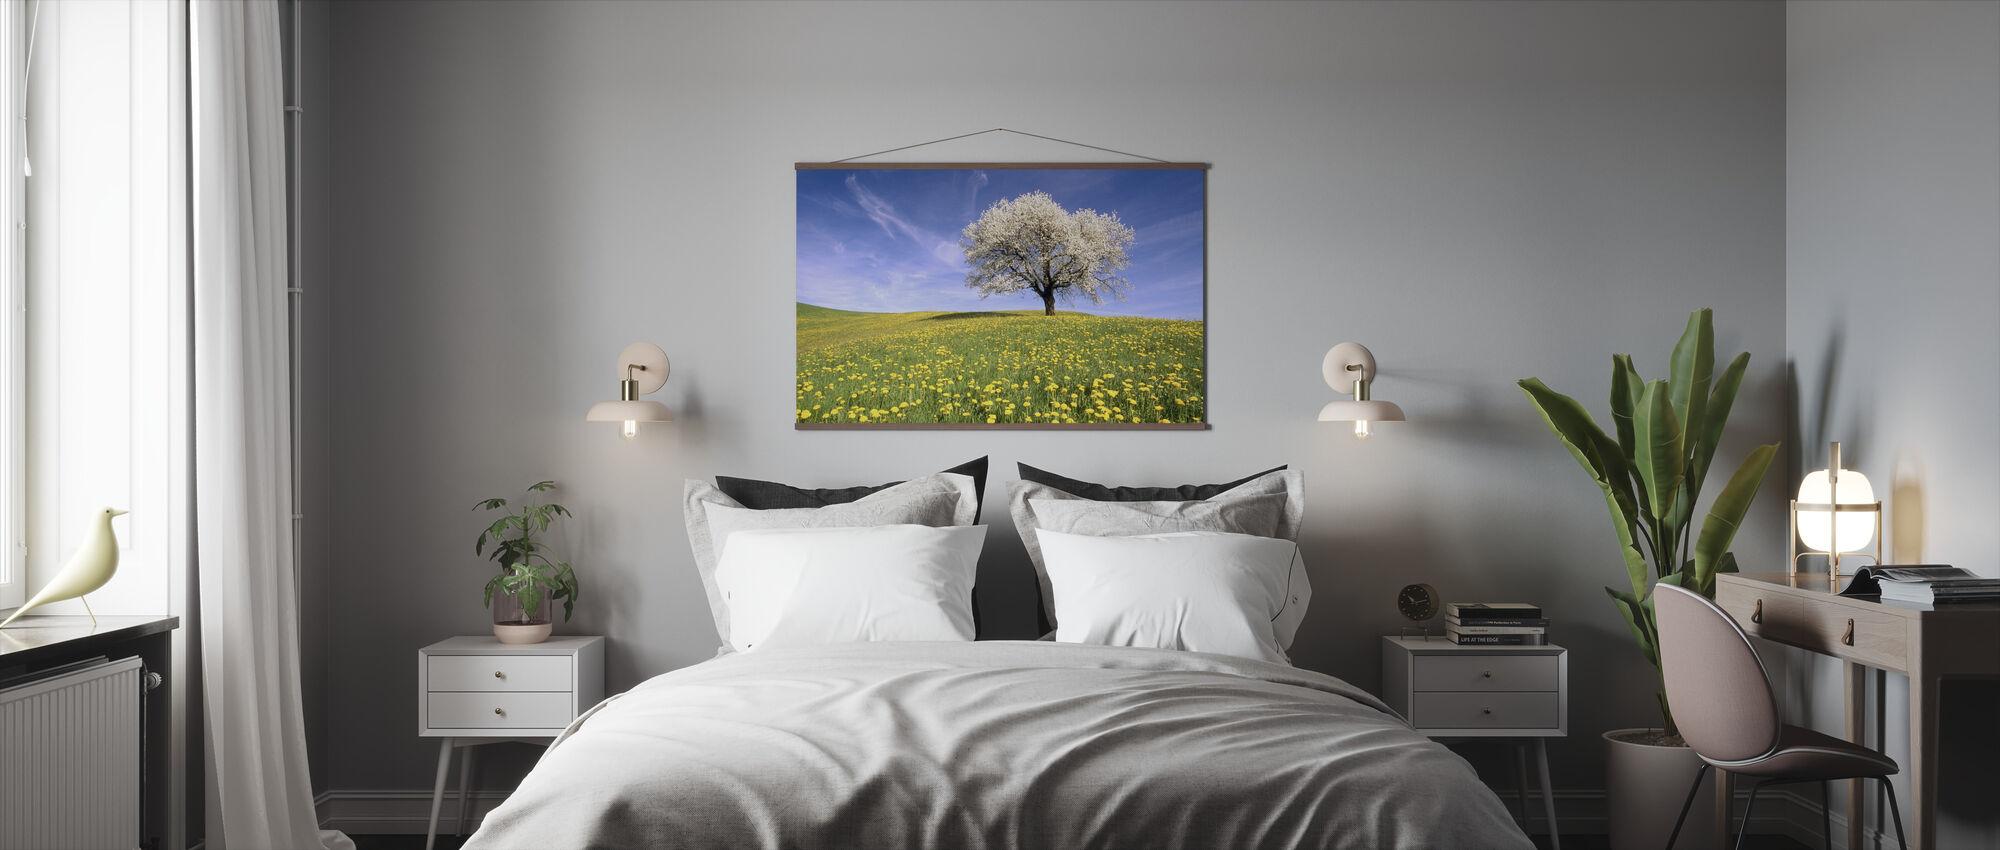 Dandelion Meadow - Poster - Bedroom